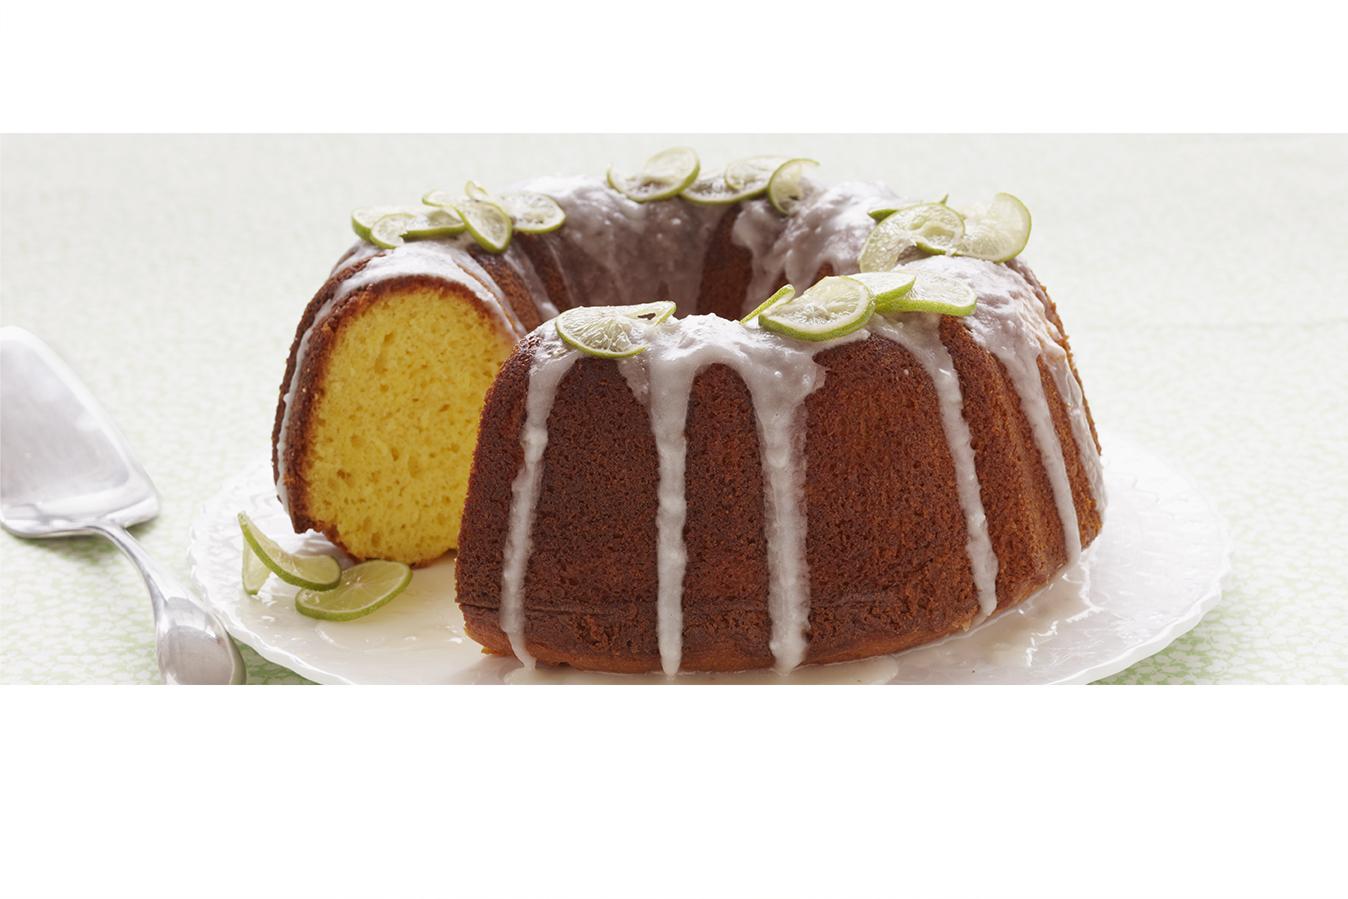 Duncan Hines Coconut Cream Cake